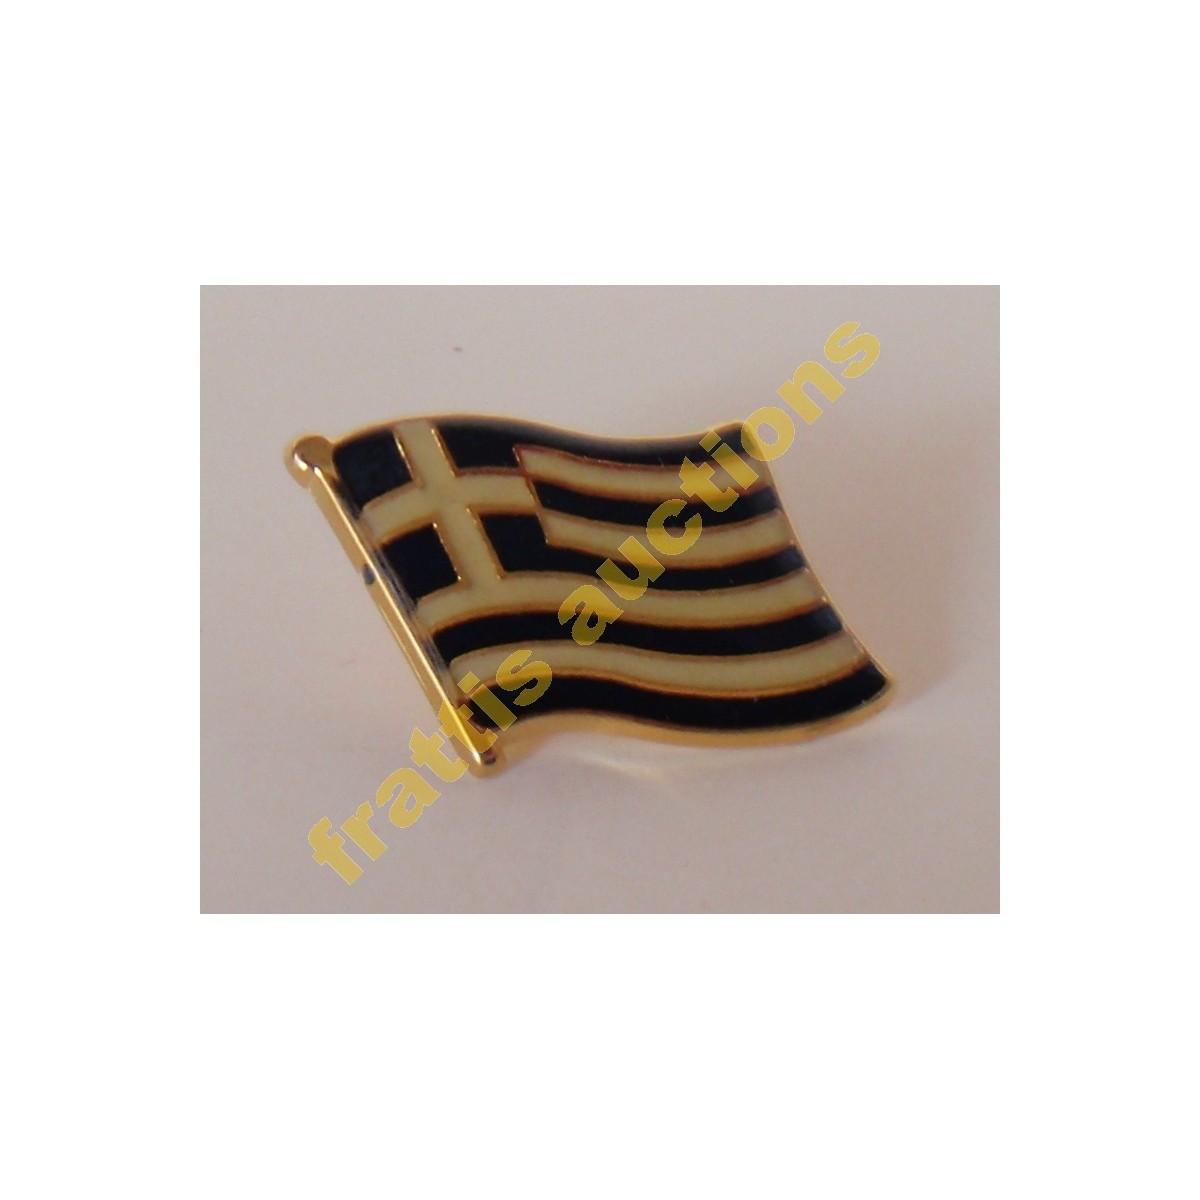 Επισμαλτωμένη καρφίτσα Ελληνική σημαία.